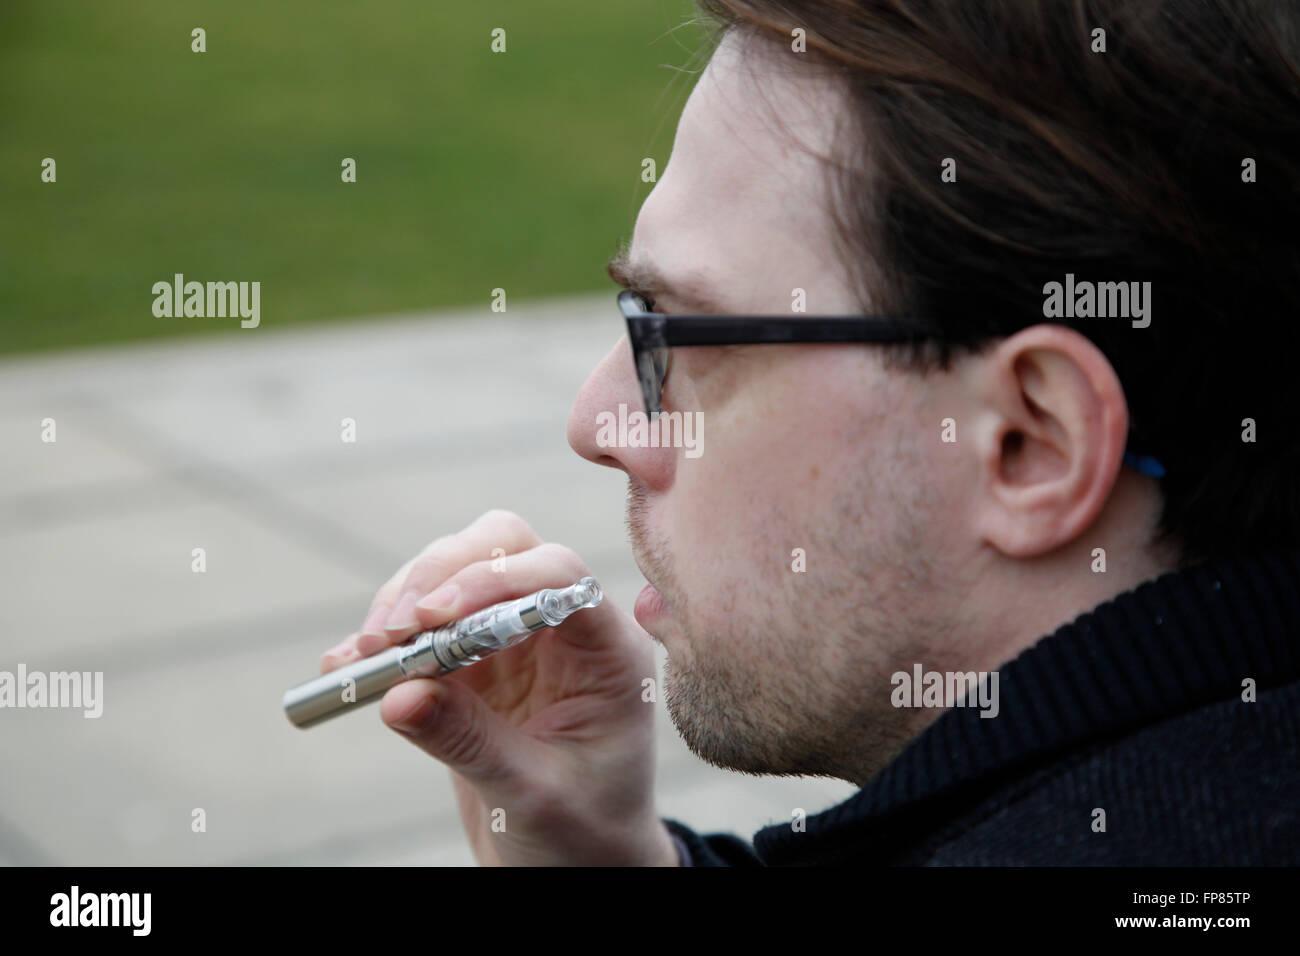 Man with e-cigarette - Stock Image